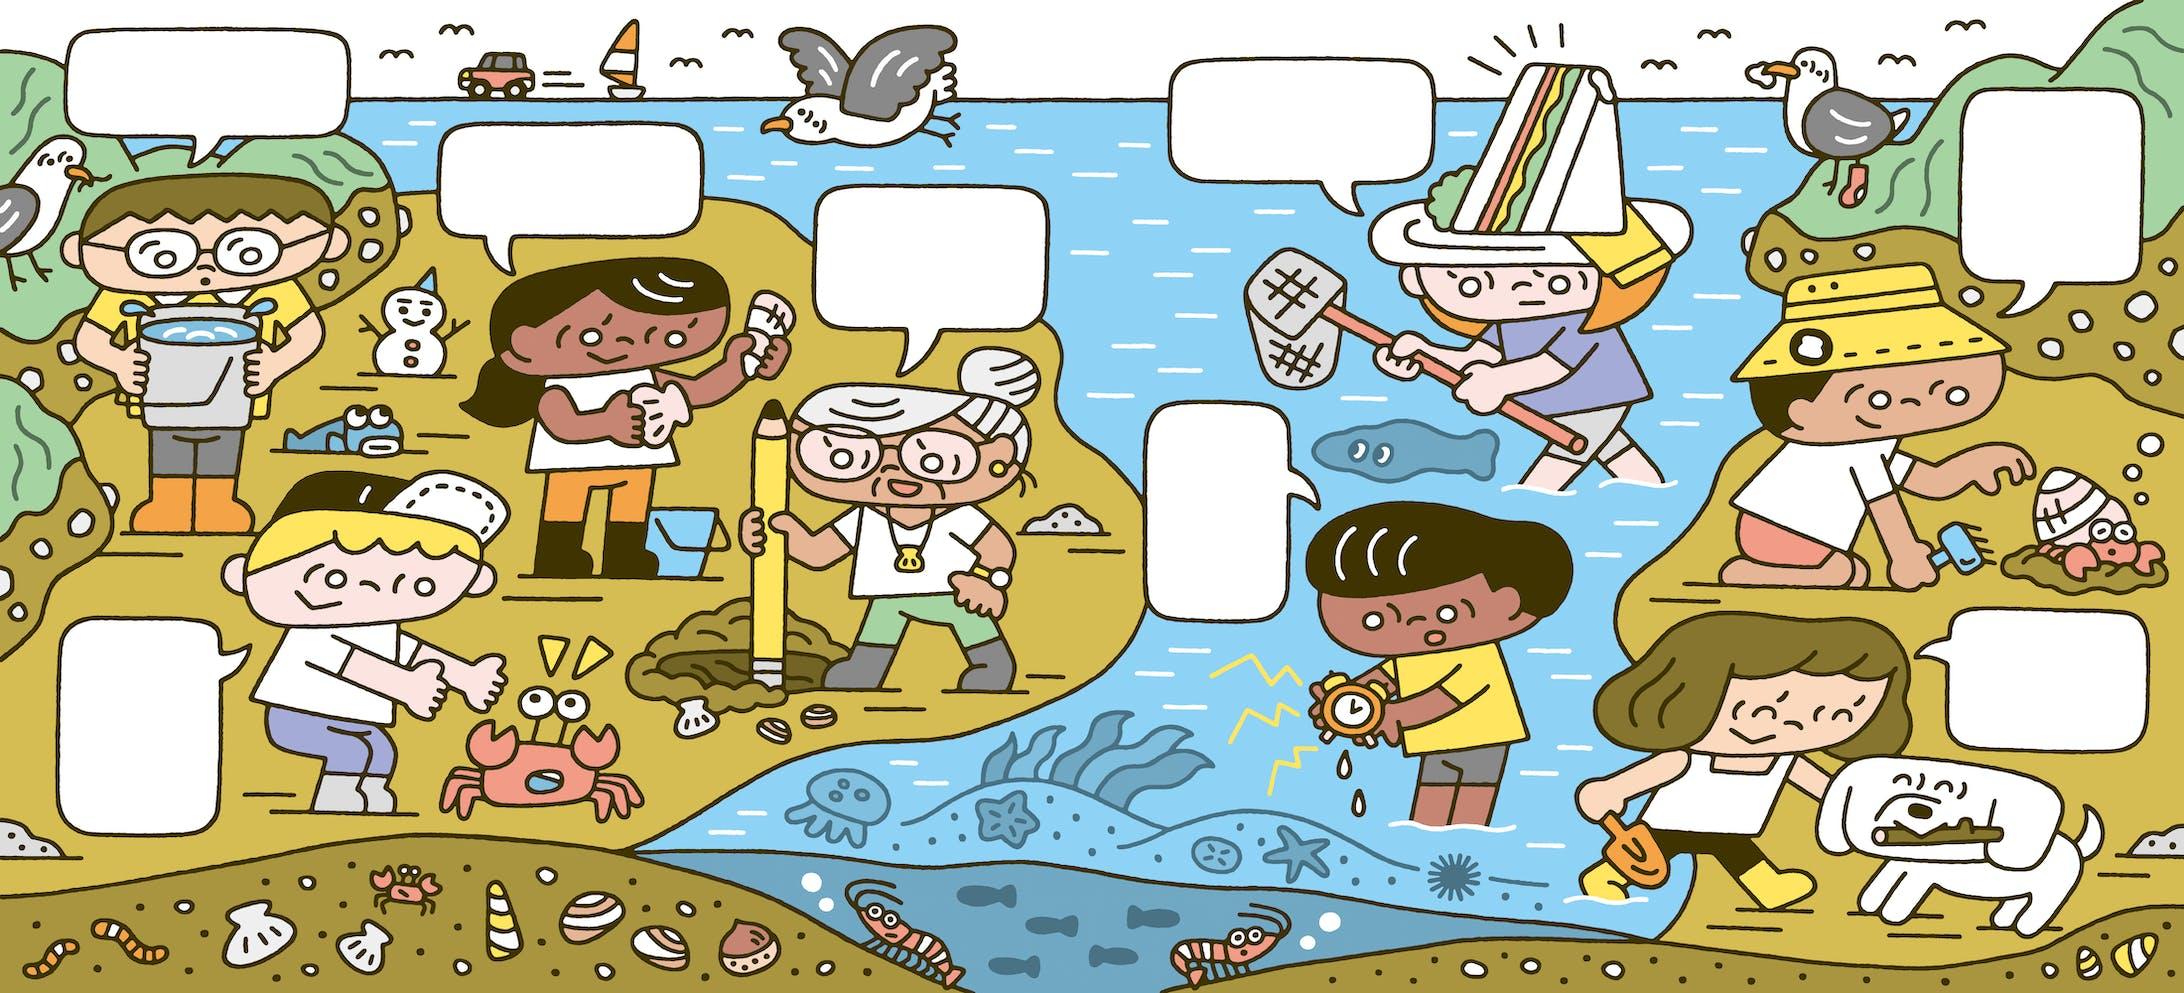 フランスの児童雑誌『Georges』N°Coquillage(Maison Georges)-3